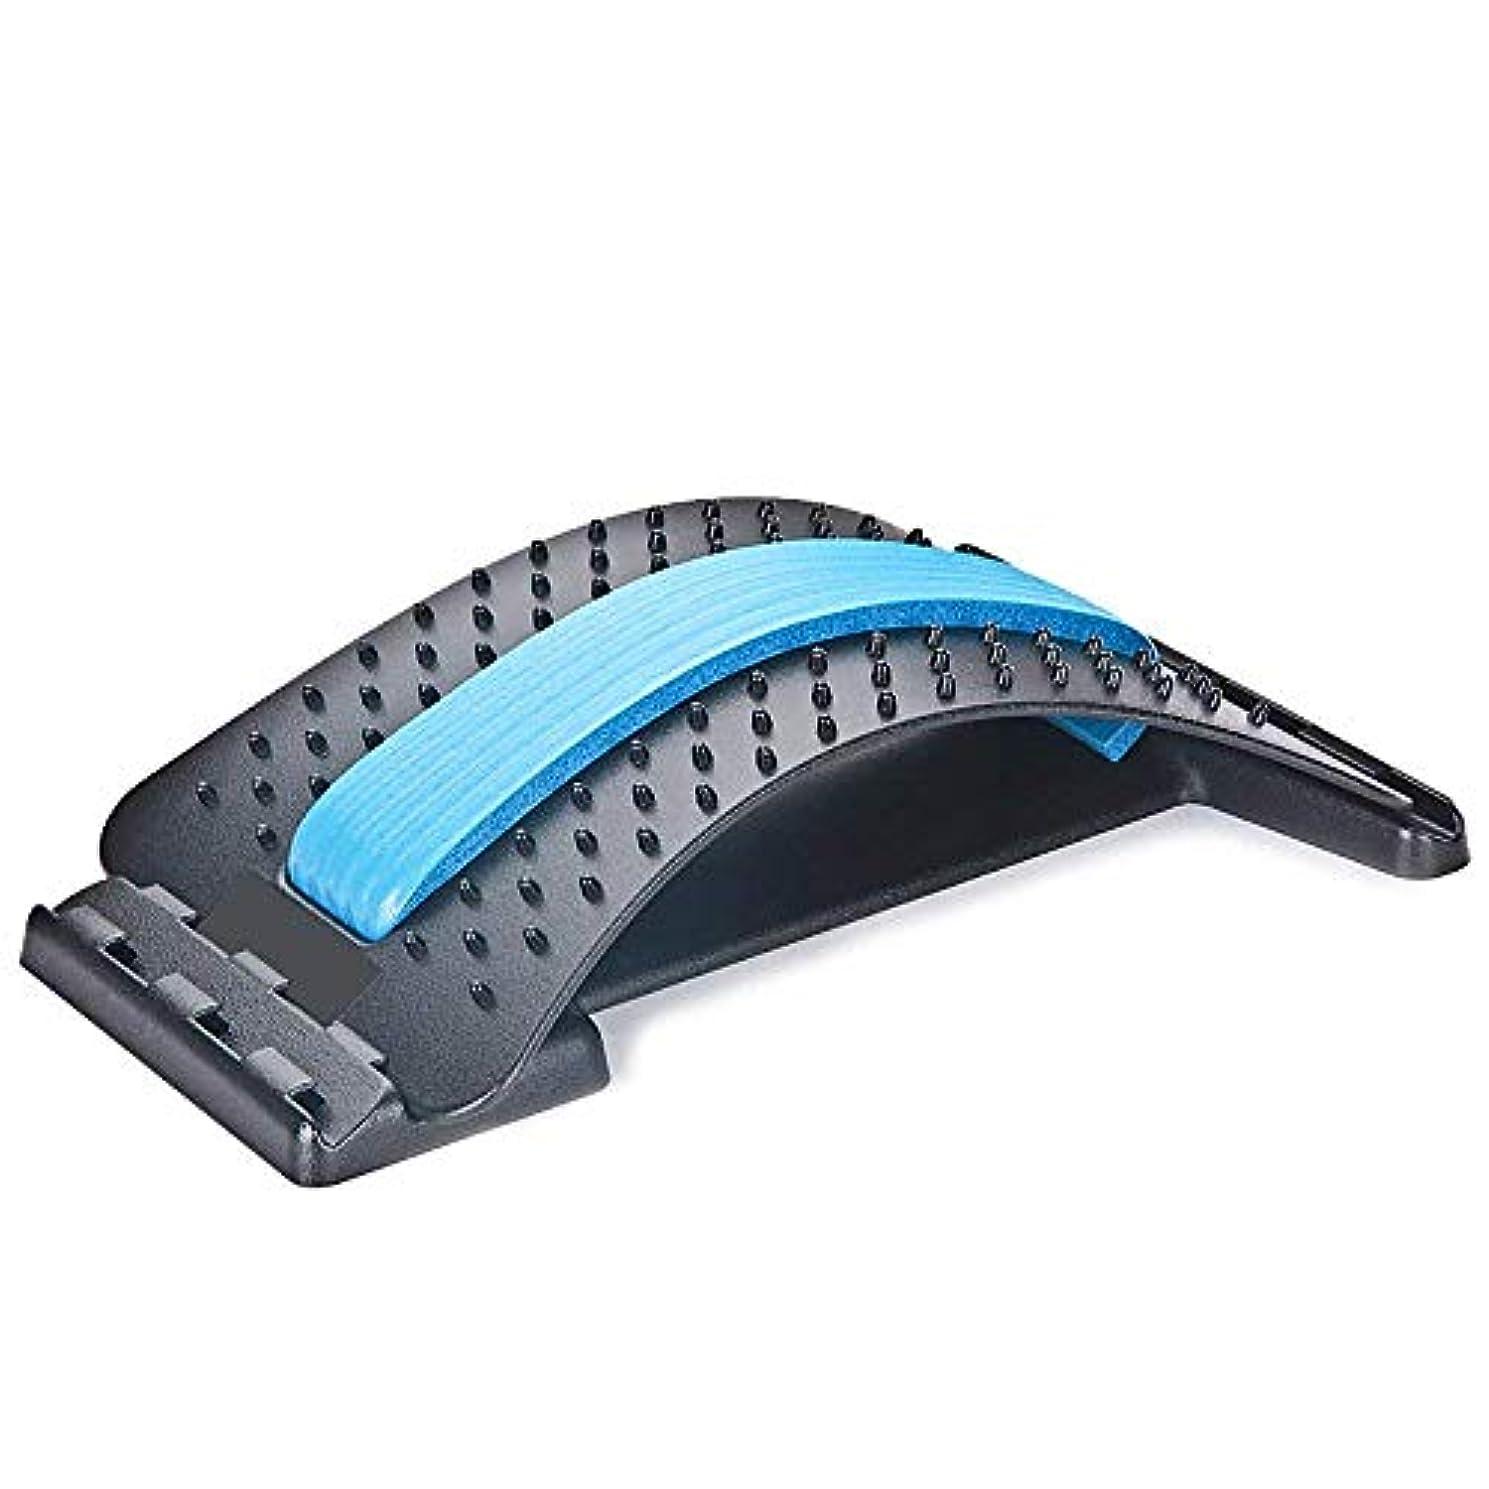 リーン地理混沌マジックバックストレッチャーランバーストレッチングサポートデバイス姿勢矯正器用上下腰痛緩和、バックサポート用オフィスチェアと筋肉の緊張